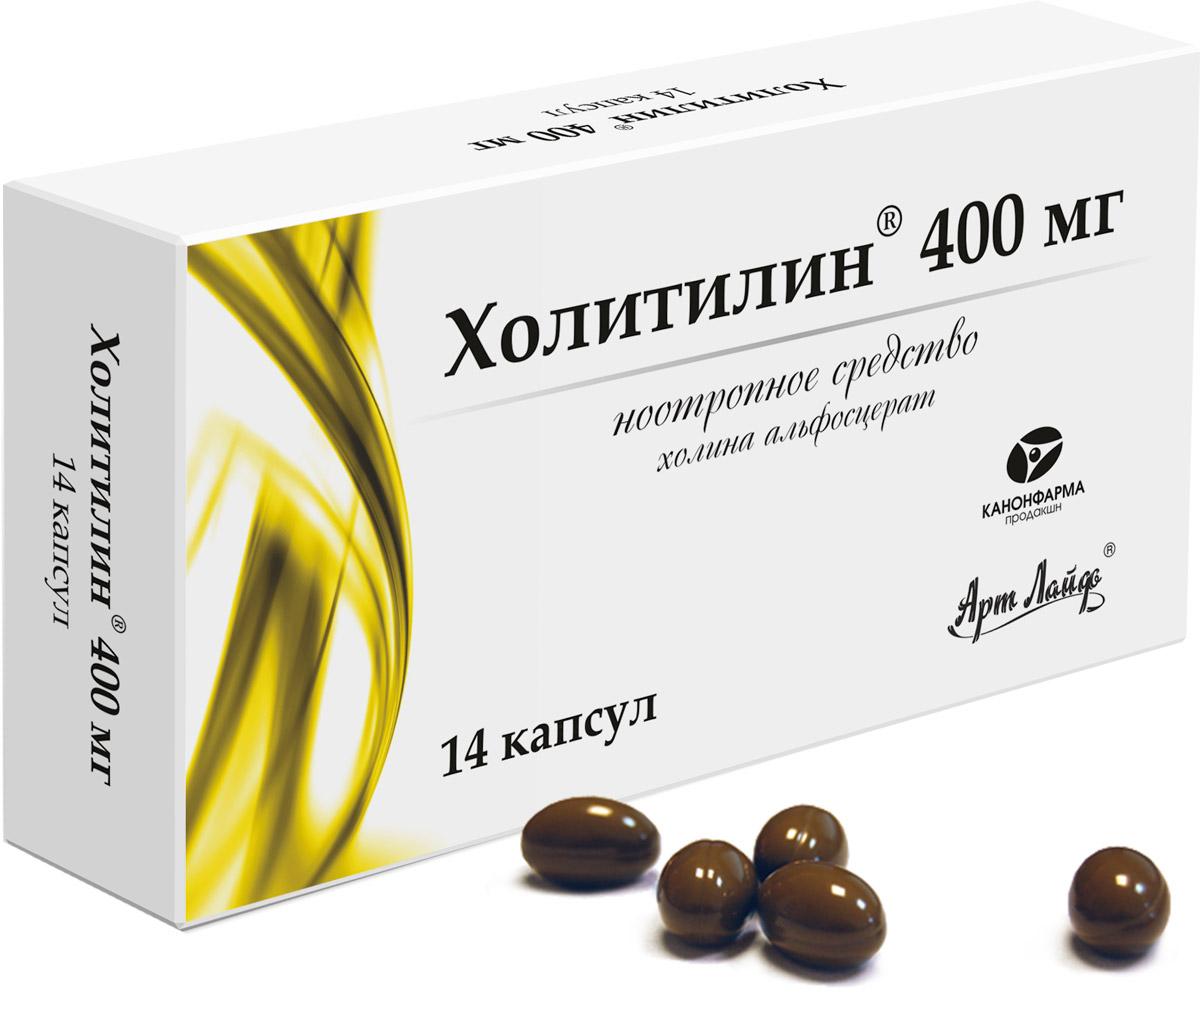 holitilin-400-intruktiya-po-primeneniyu